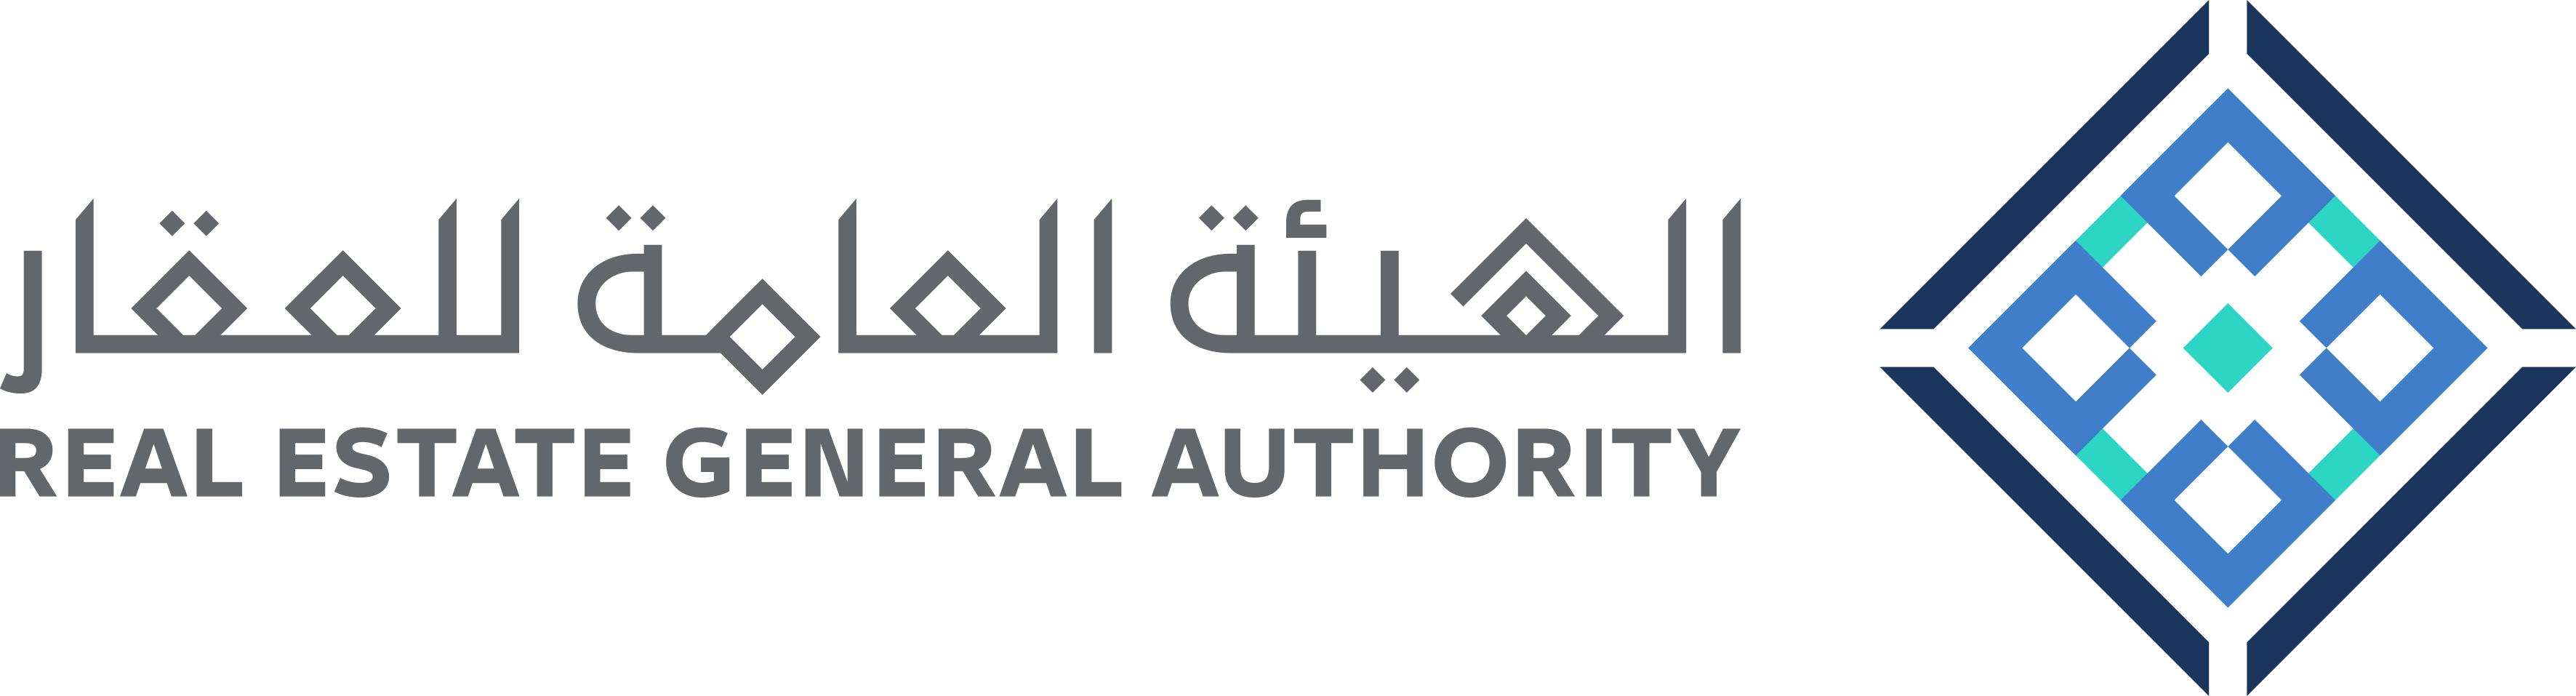 الهيئة العامة للعقار